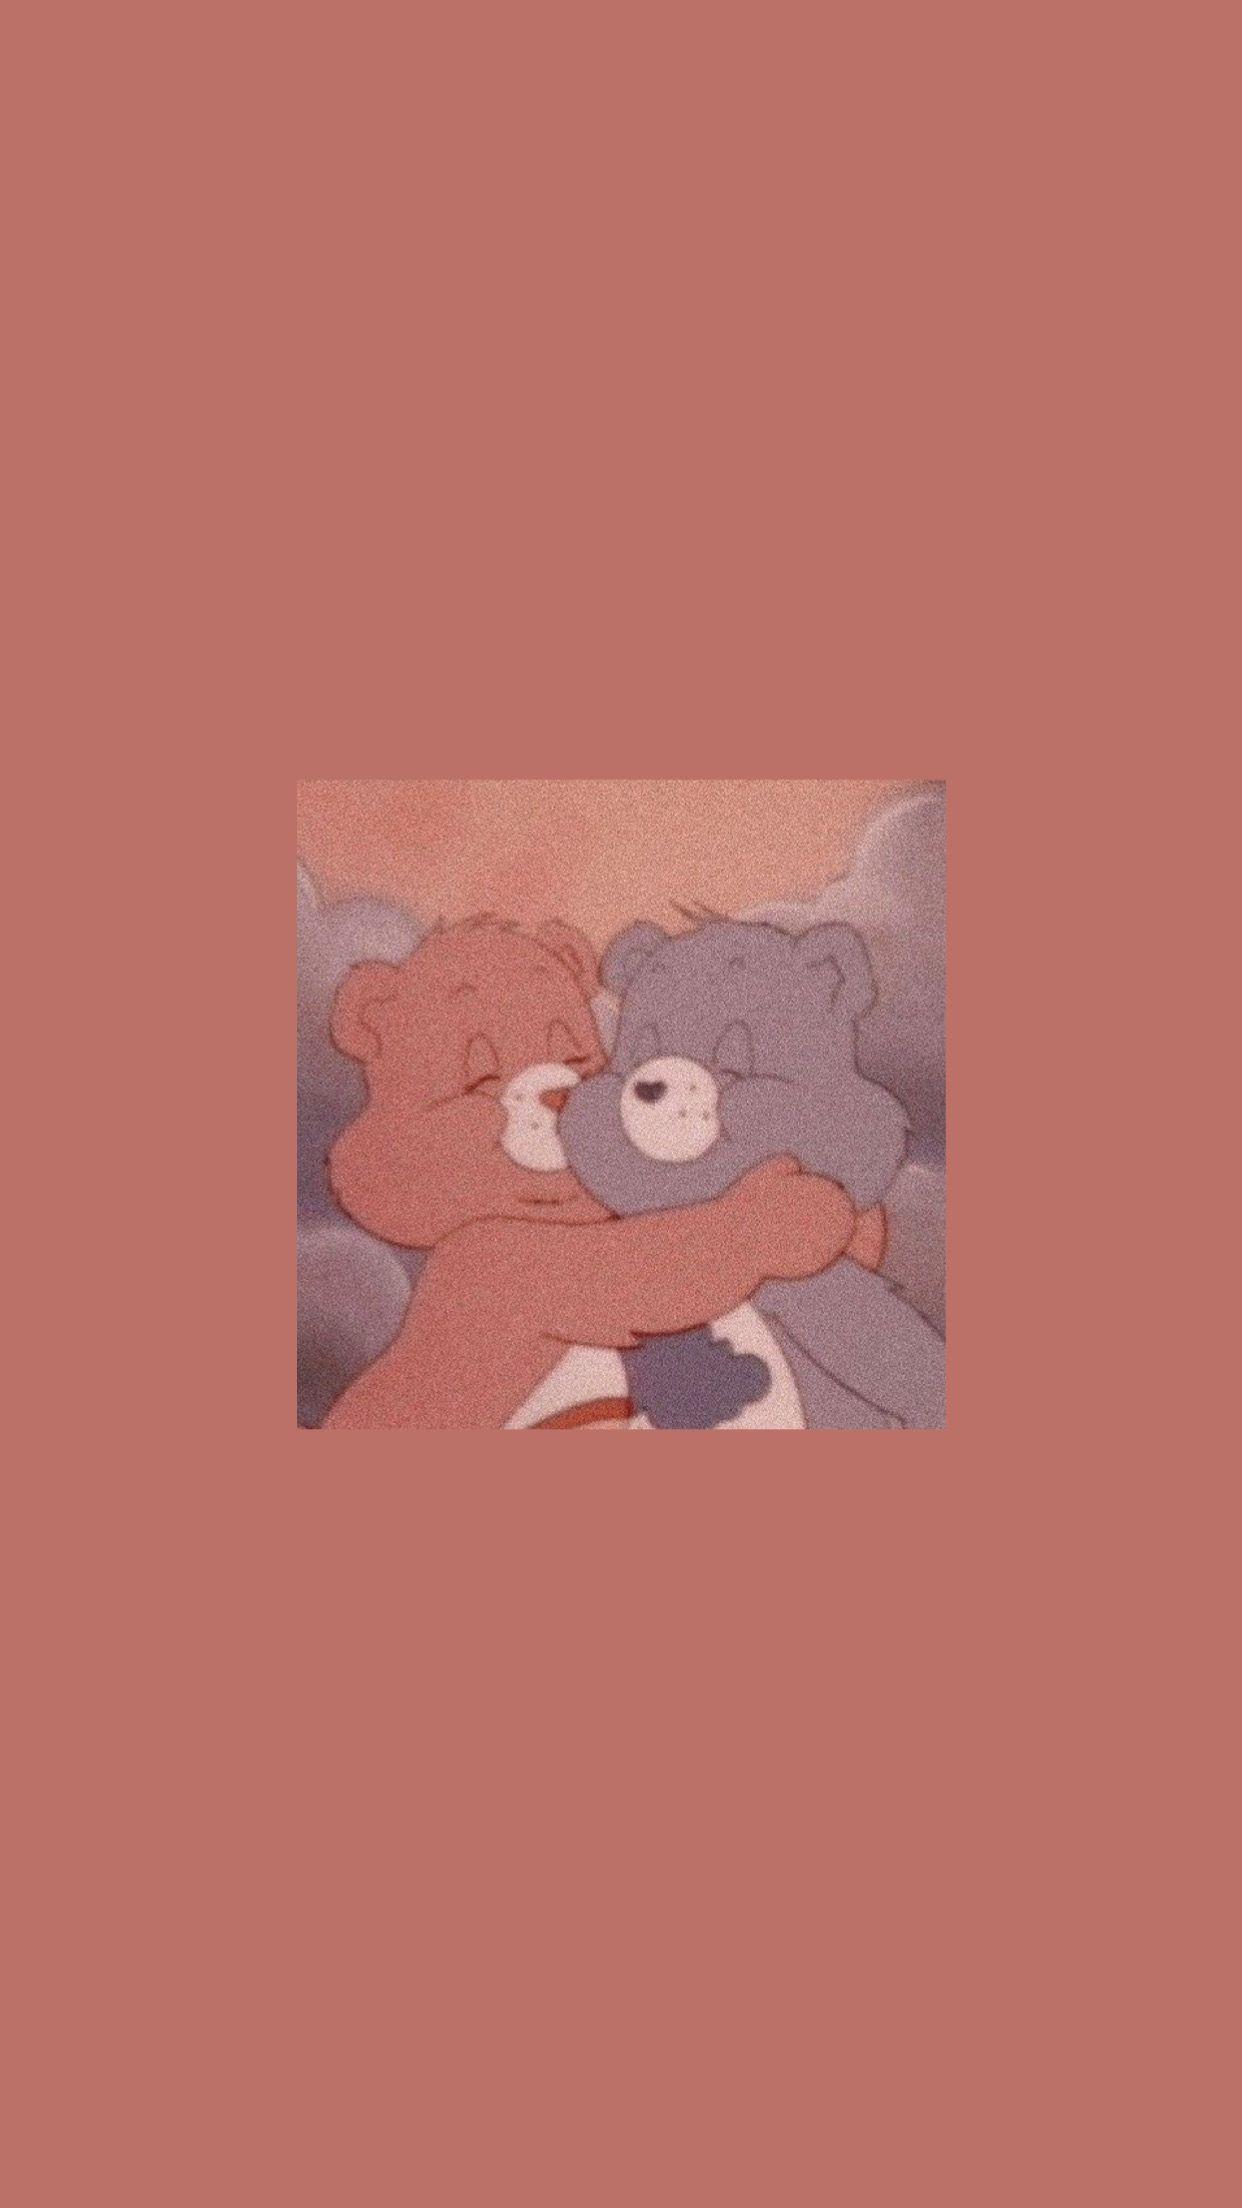 Care Bear Wallpaper Cartoon Wallpaper Iphone Cute Cartoon Wallpapers Bear Wallpaper Aesthetic wallpaper cartoon bear